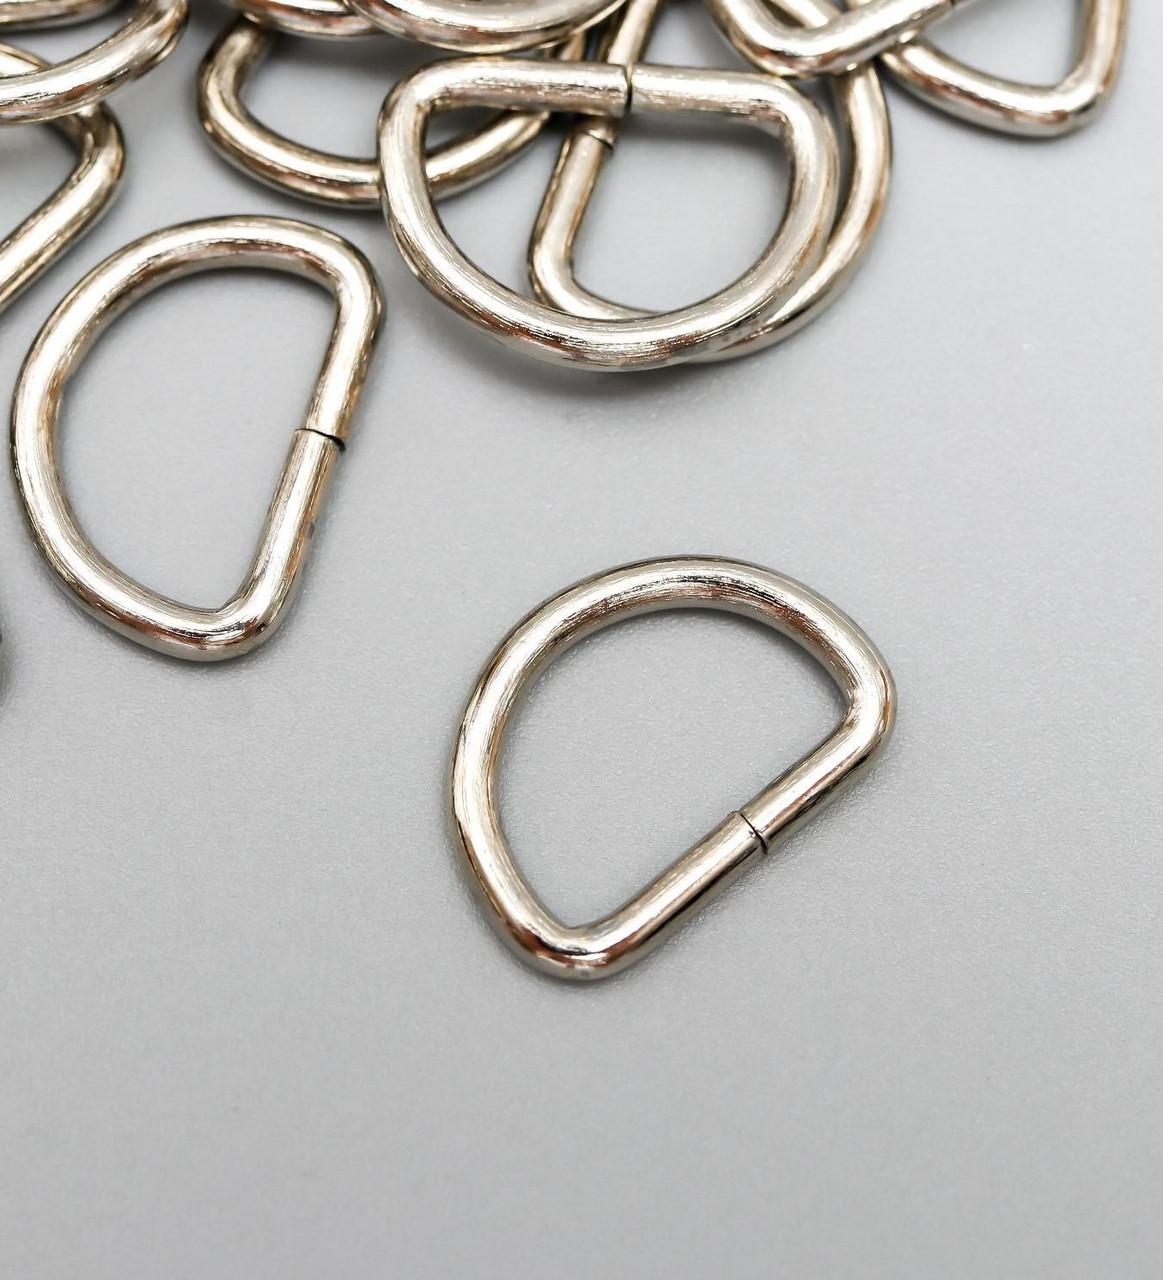 Основа для брелока соединительный элемент полукруг набор 90 шт серебро 1,1х1,6 см